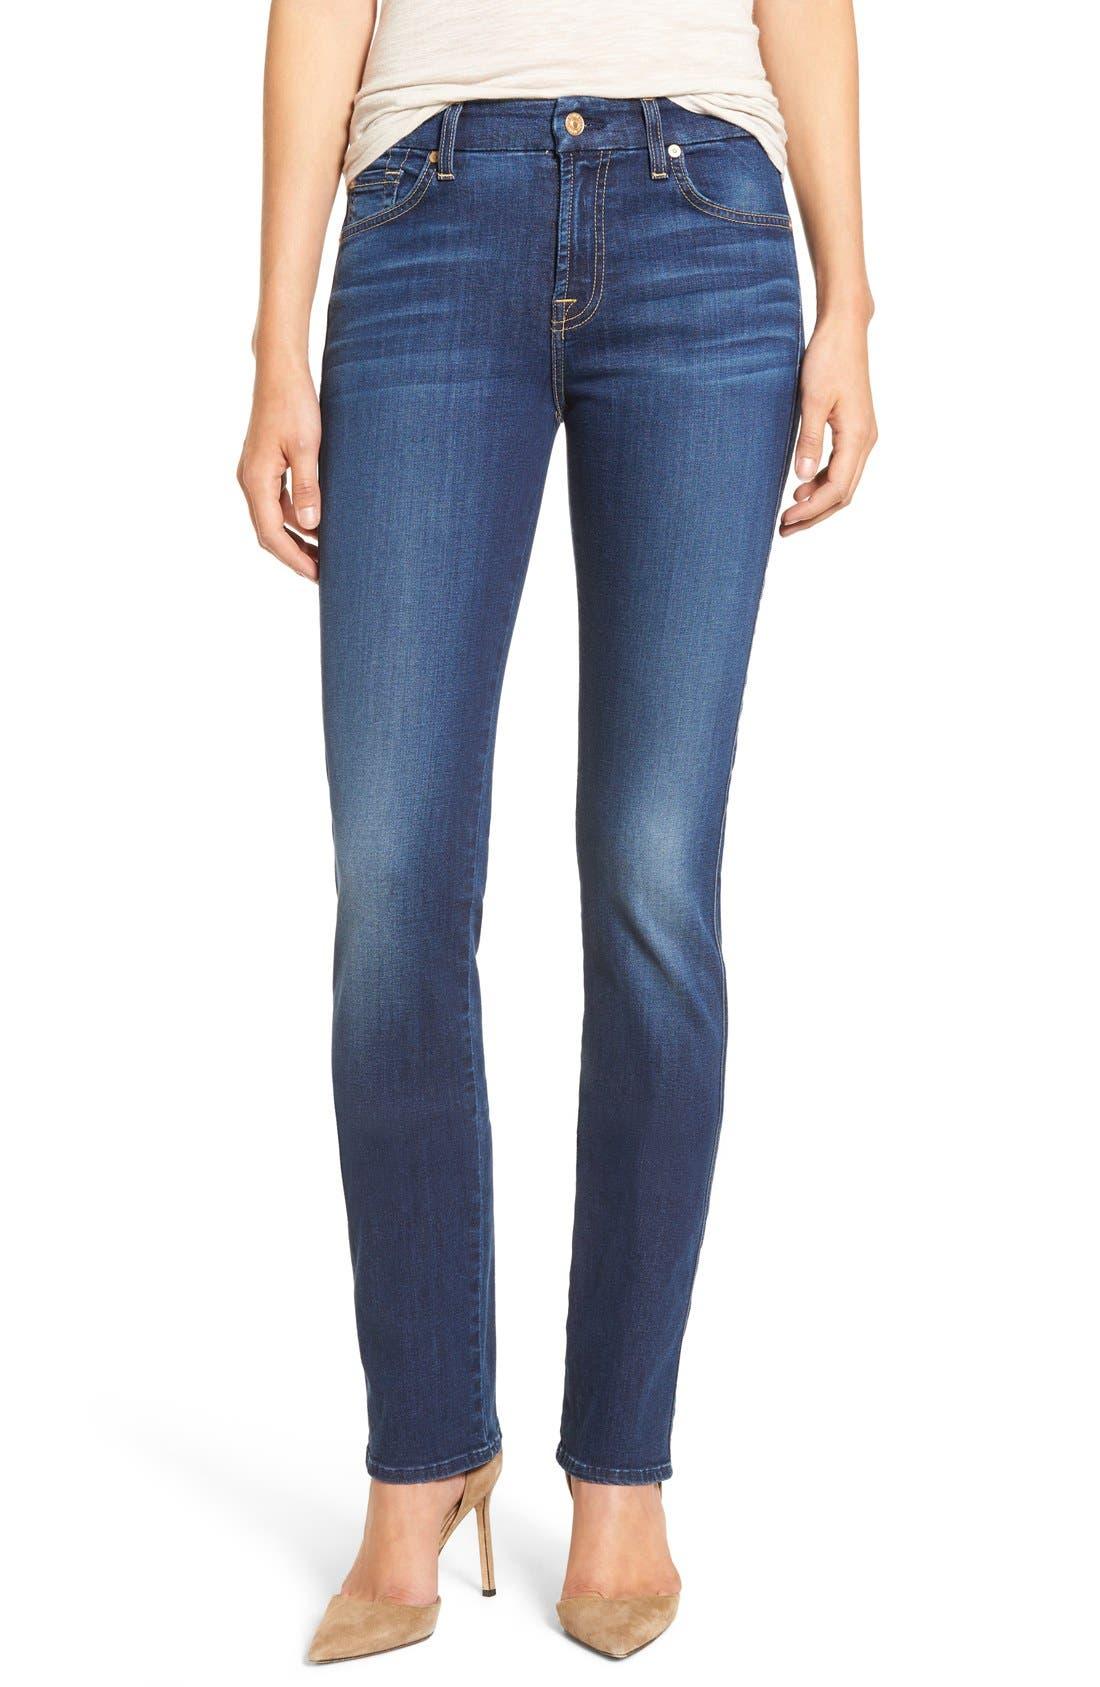 b(air) Kimmie Straight Leg Jeans,                             Main thumbnail 1, color,                             DUCHESS